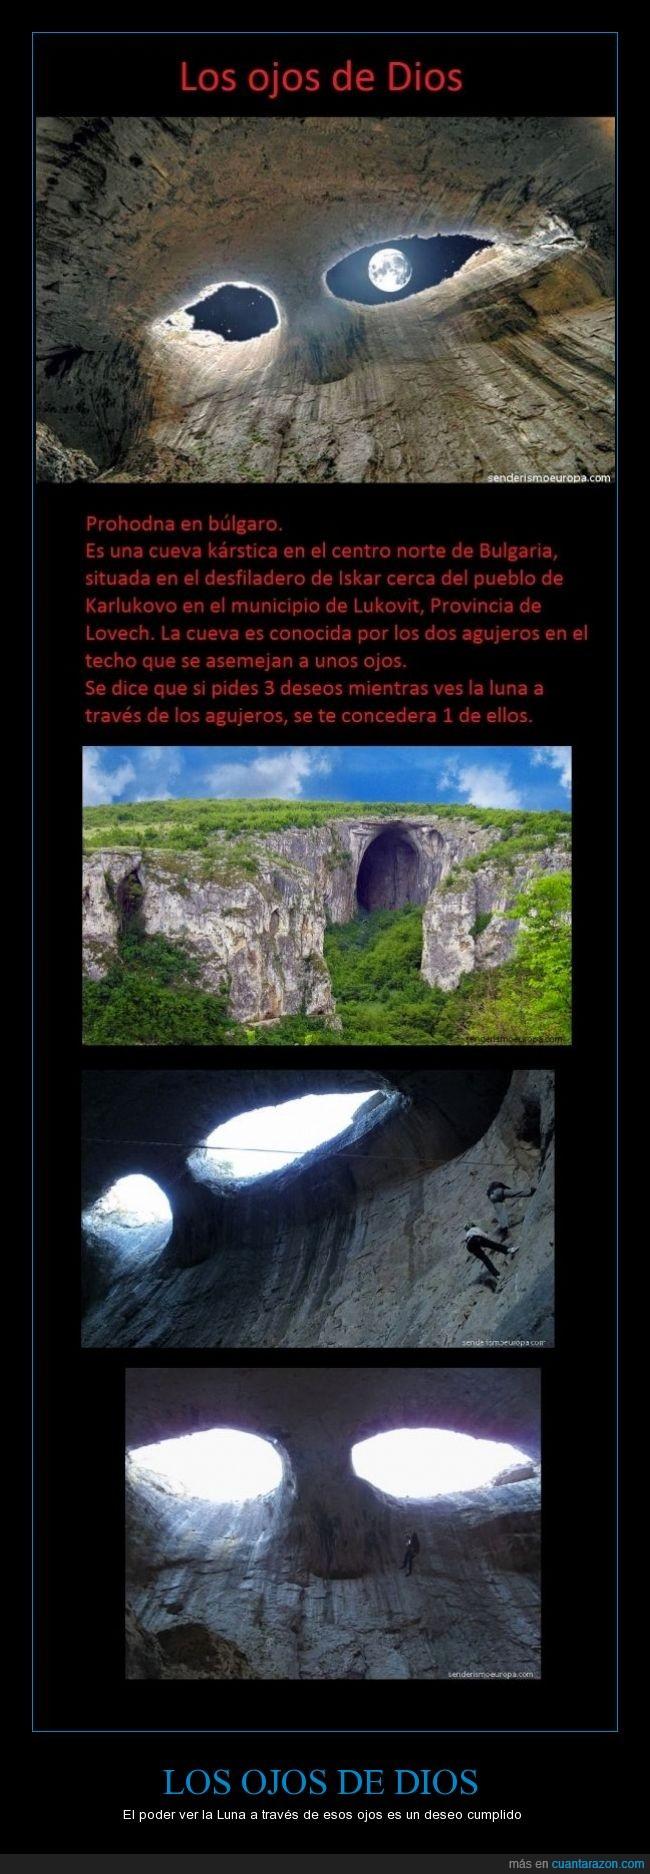 agujero,Bulgaria,Deseos,Los ojos de Dios,Luna,Prohodna,roca,senderismo